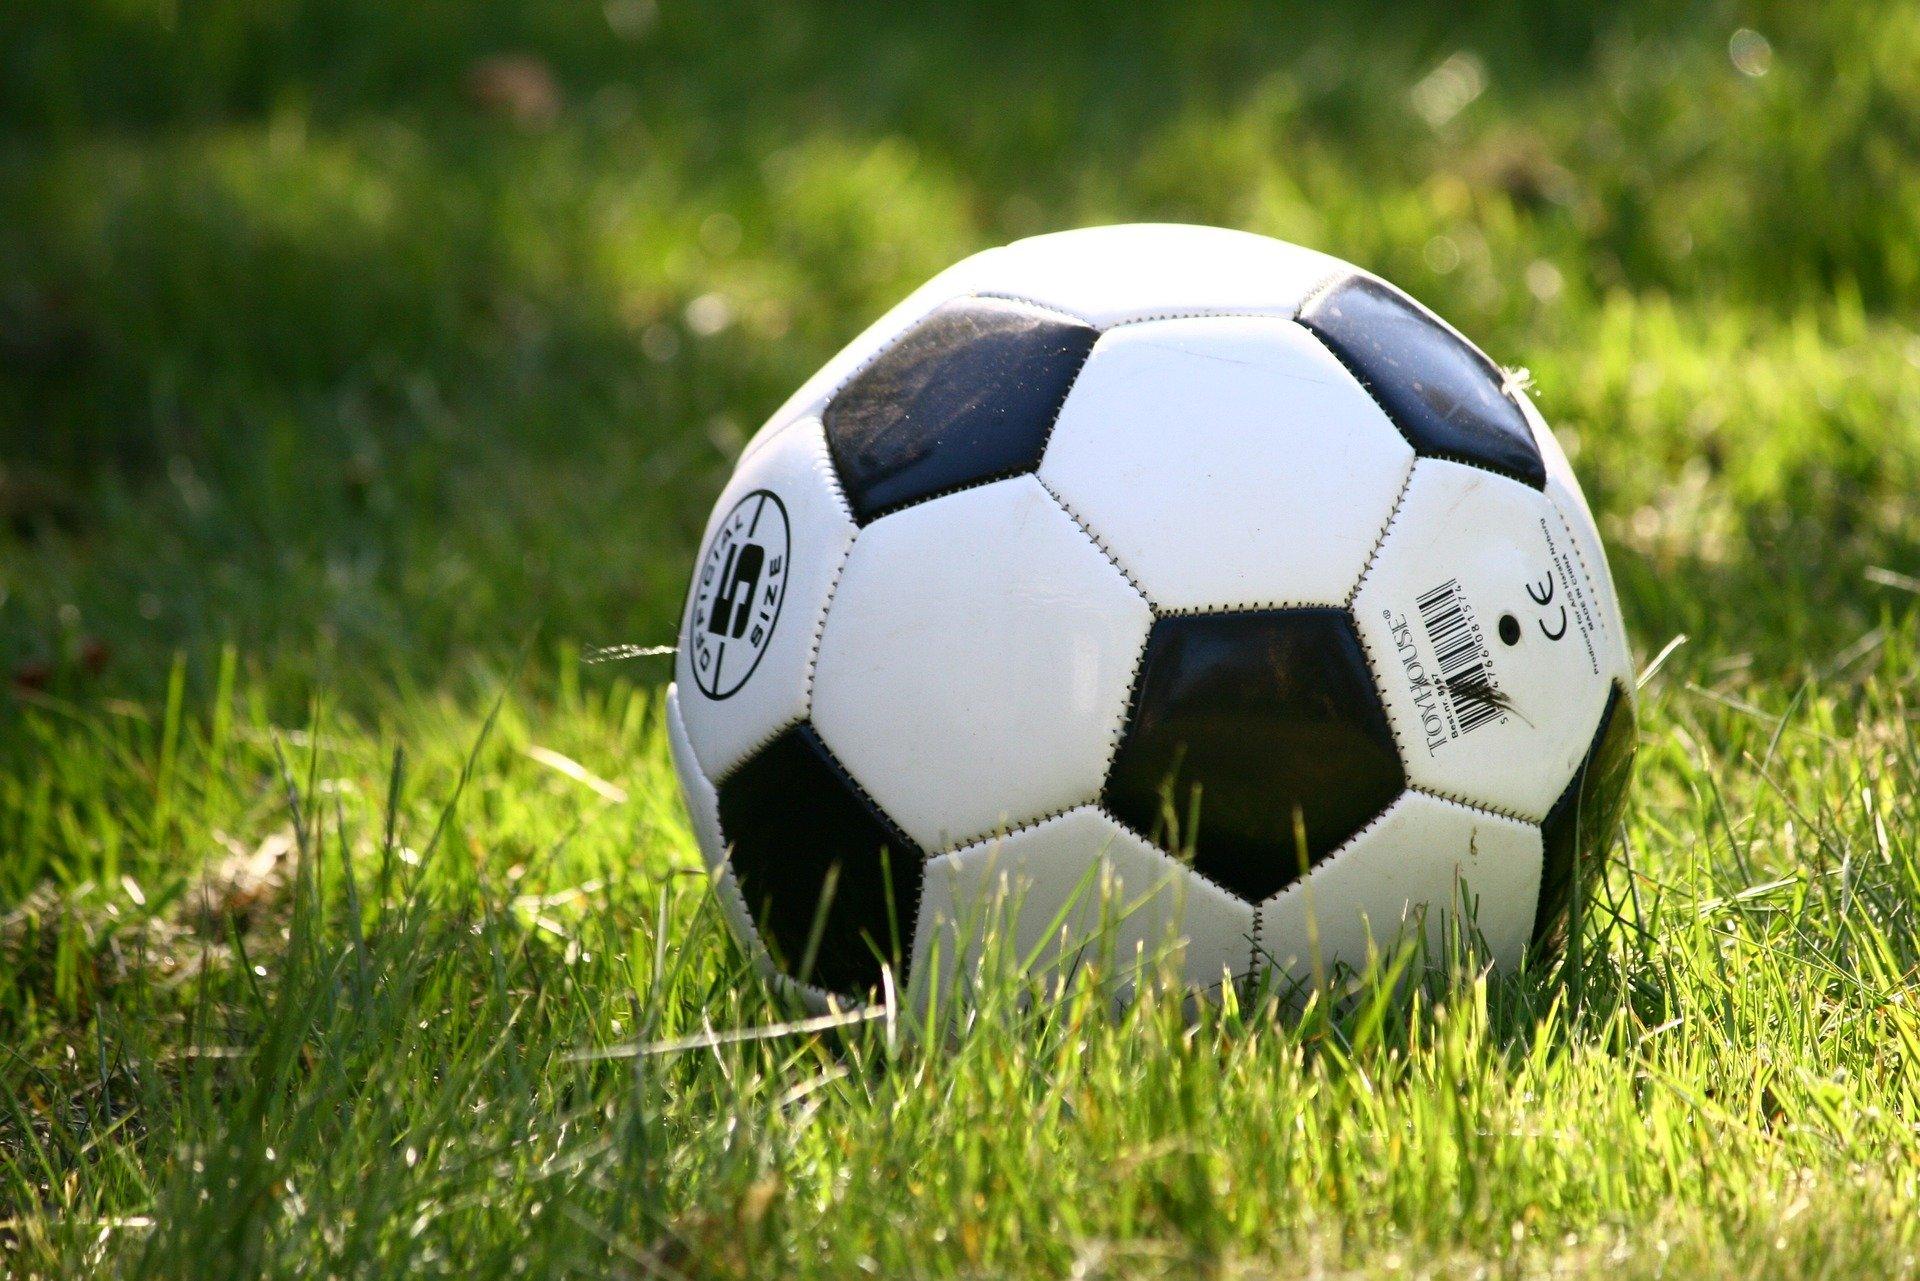 Samenwerking Sportclub Brummen en voetbalvereniging Oeken ten einde